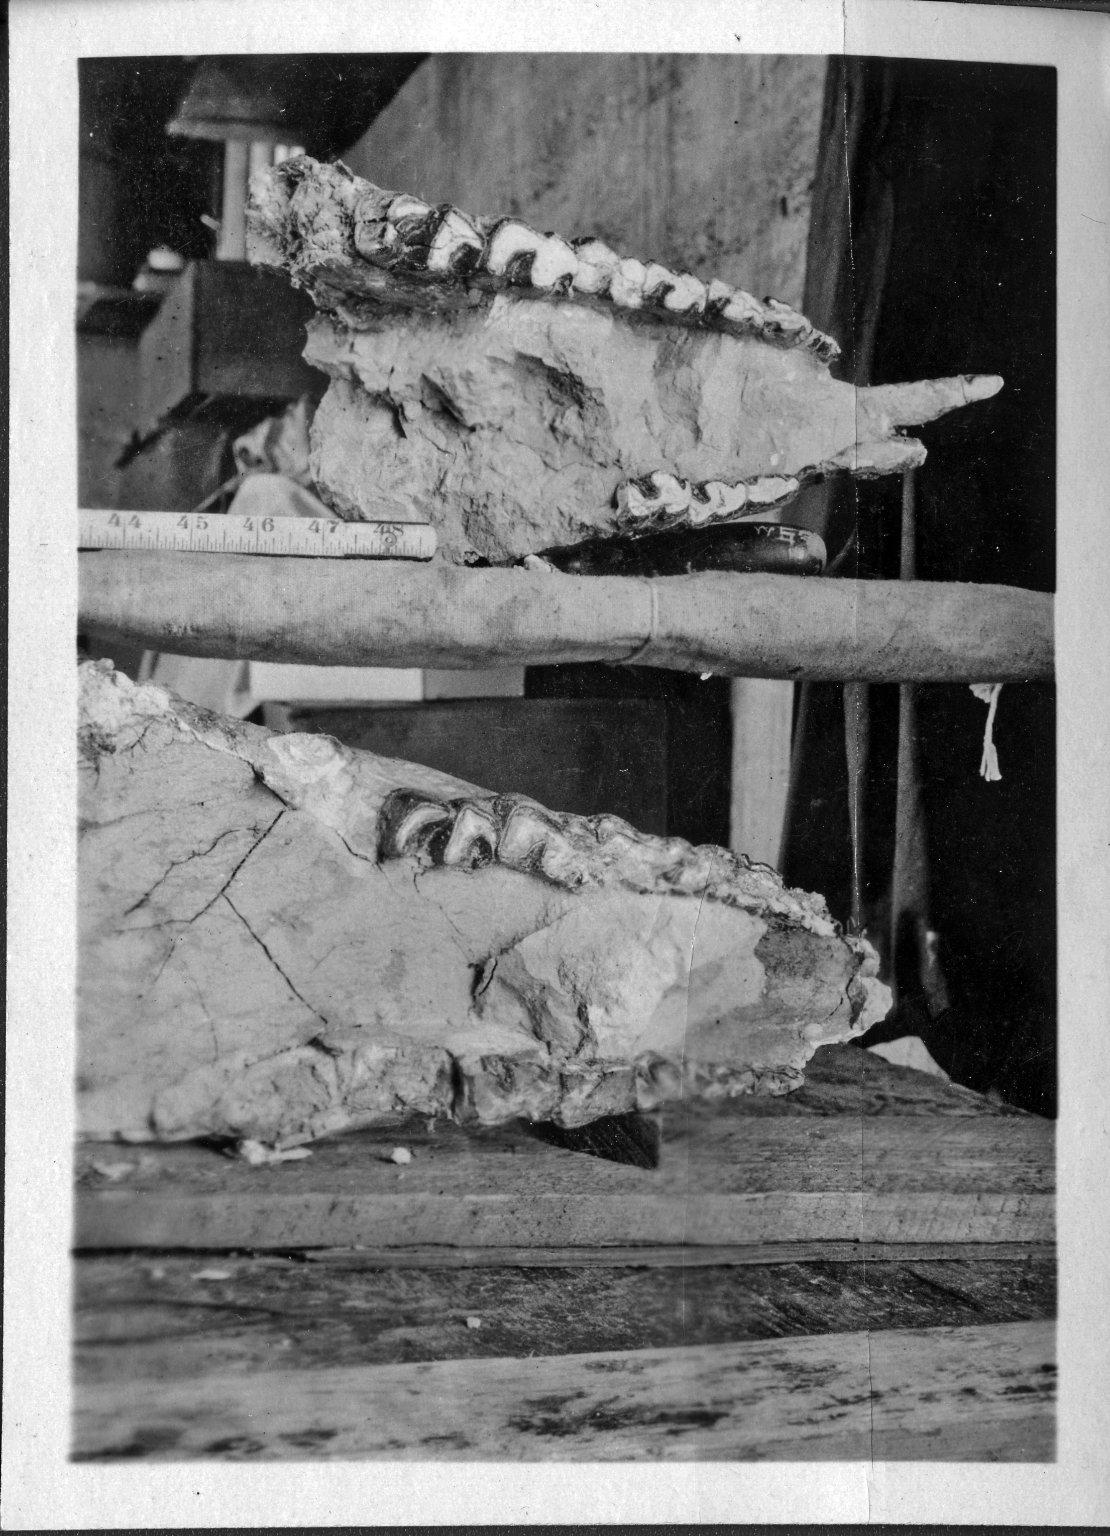 Trigonias Jawbone from Horsetail Creek Excavation